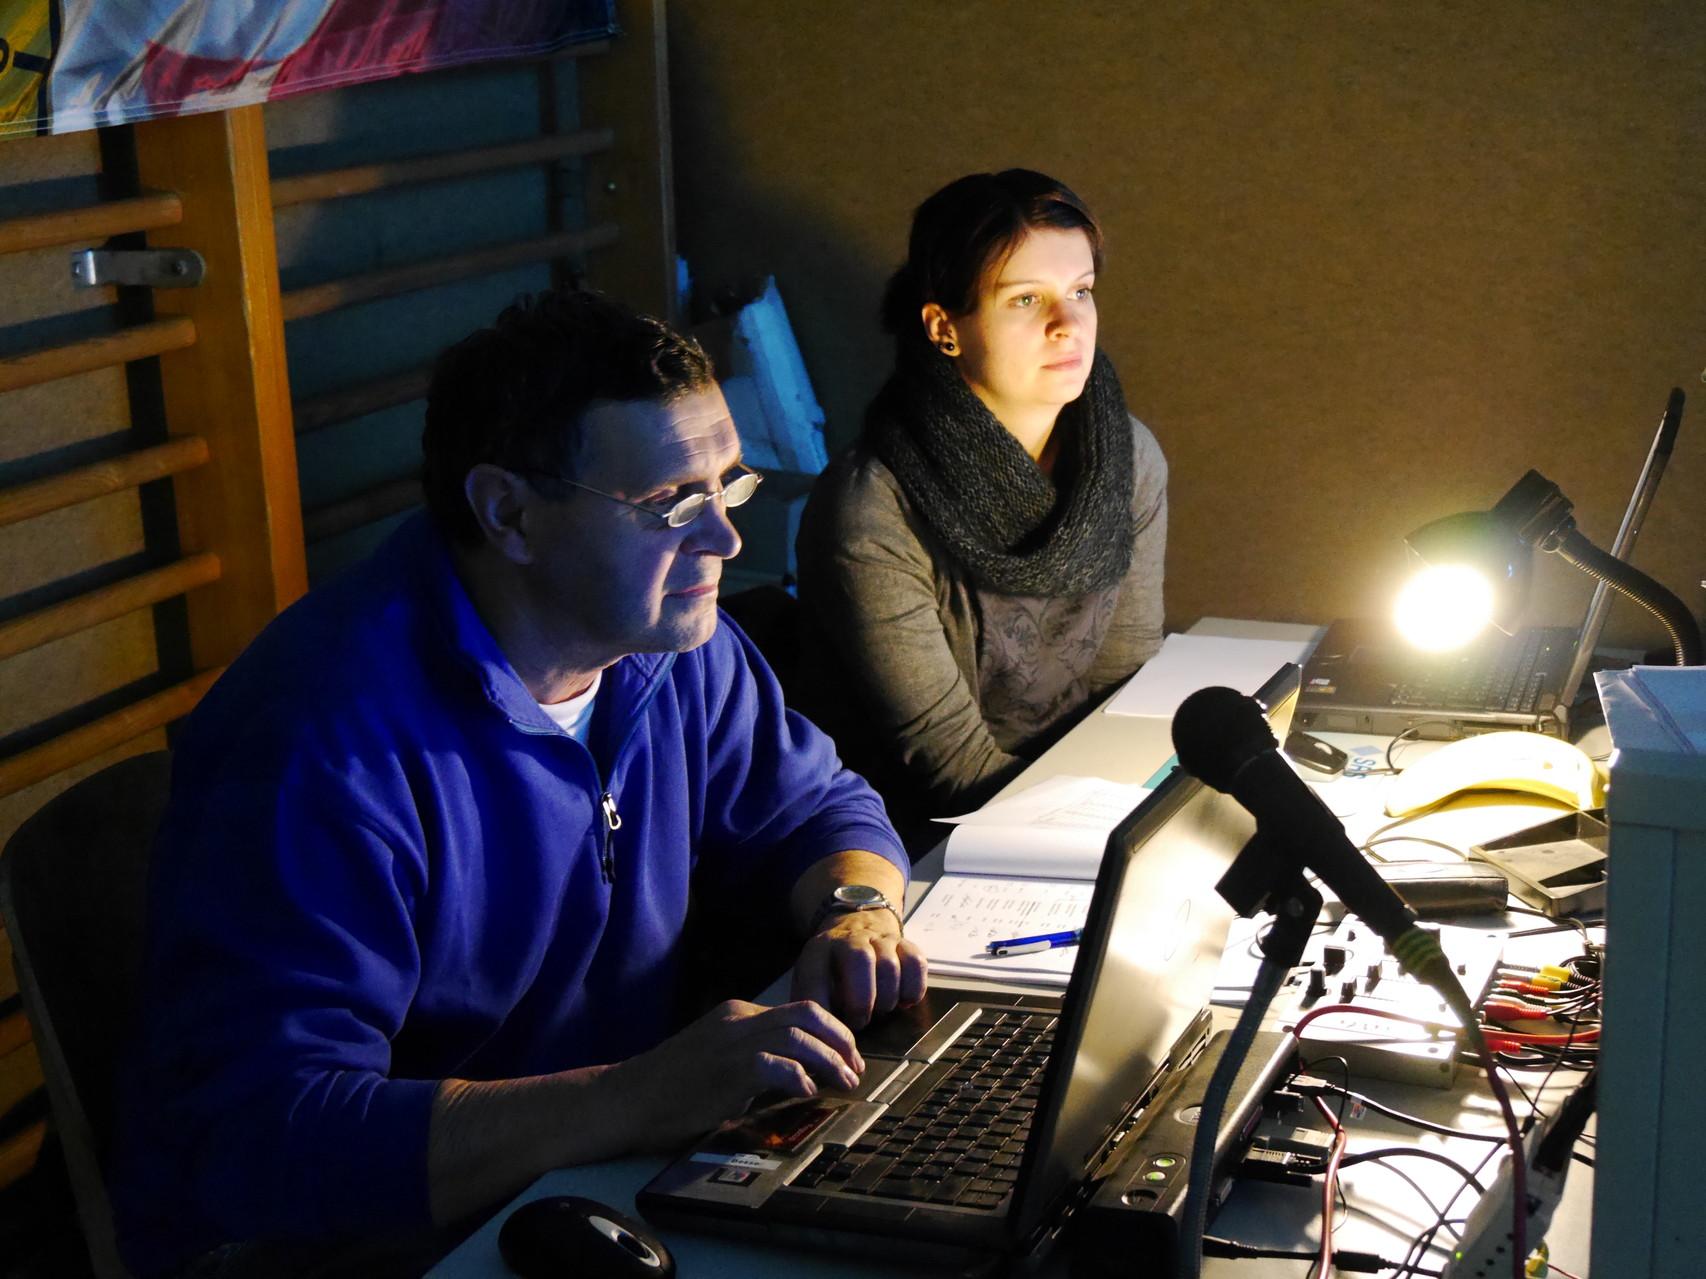 Unser Wettkampf-Büro, Jürgen und Tina Besser. Hier laufen alle Fäden zusammen.